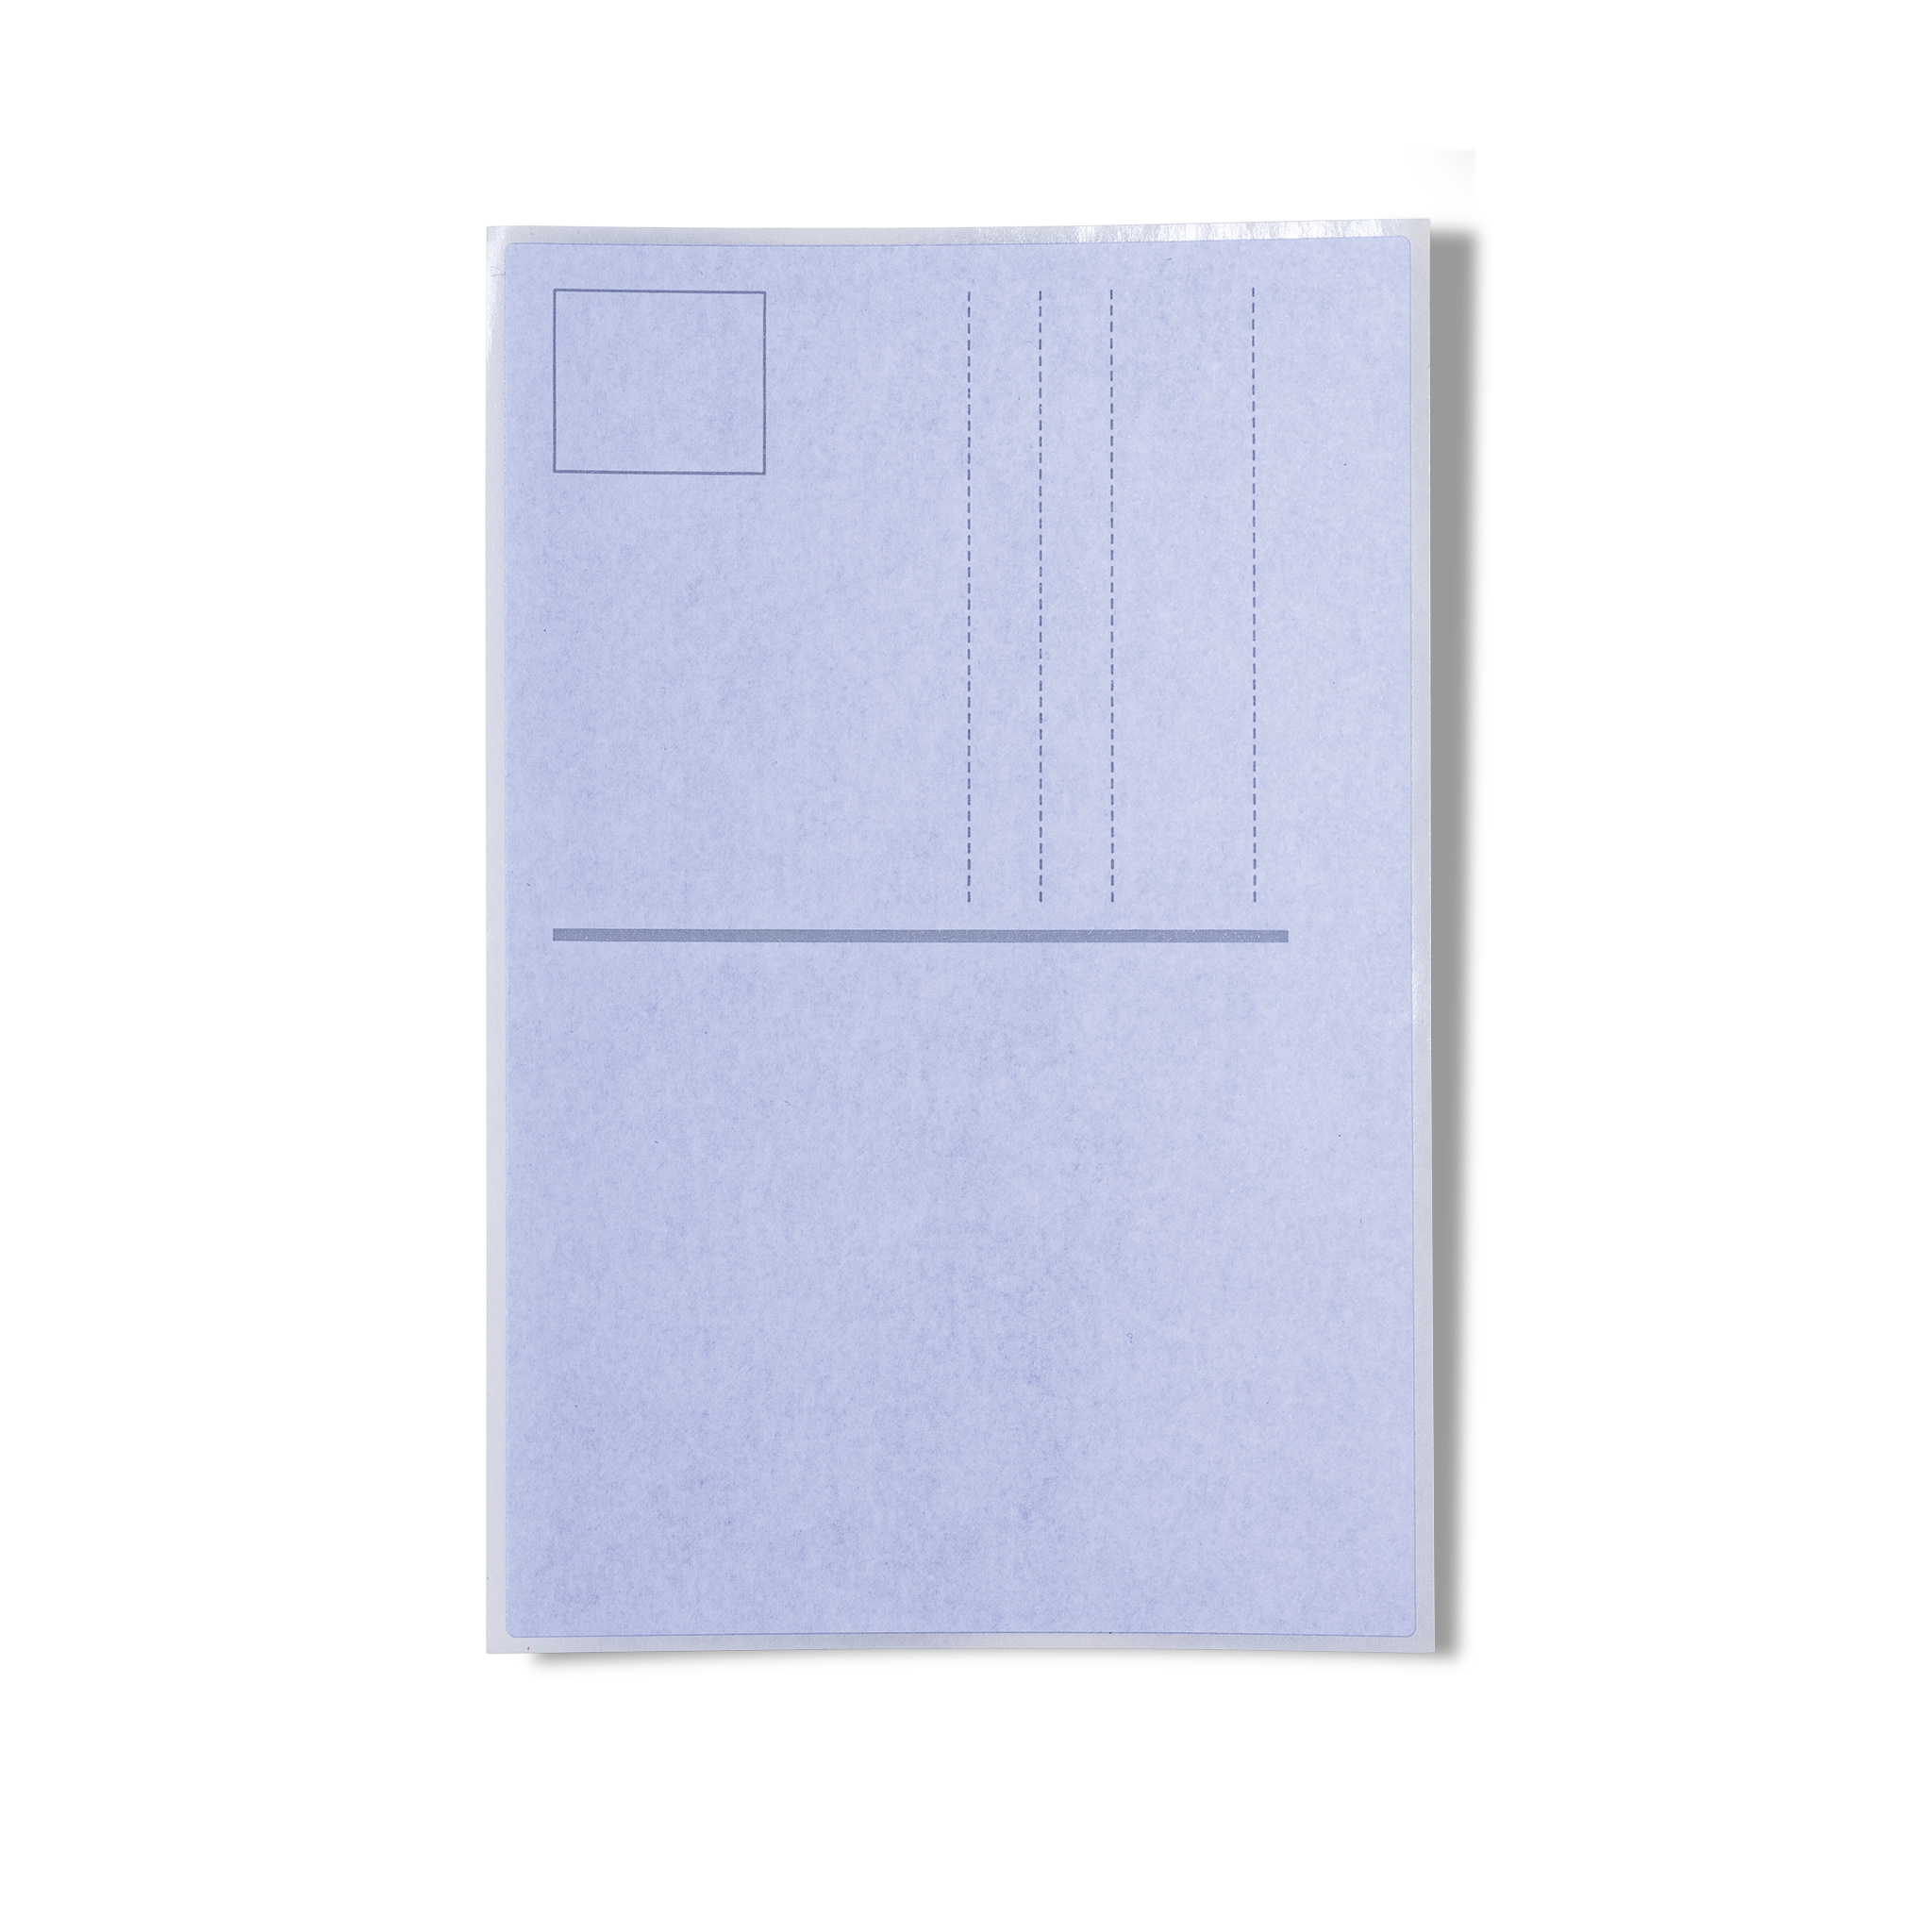 Wunderbar Büro Depot Postkarte Vorlage Galerie - Beispiel ...